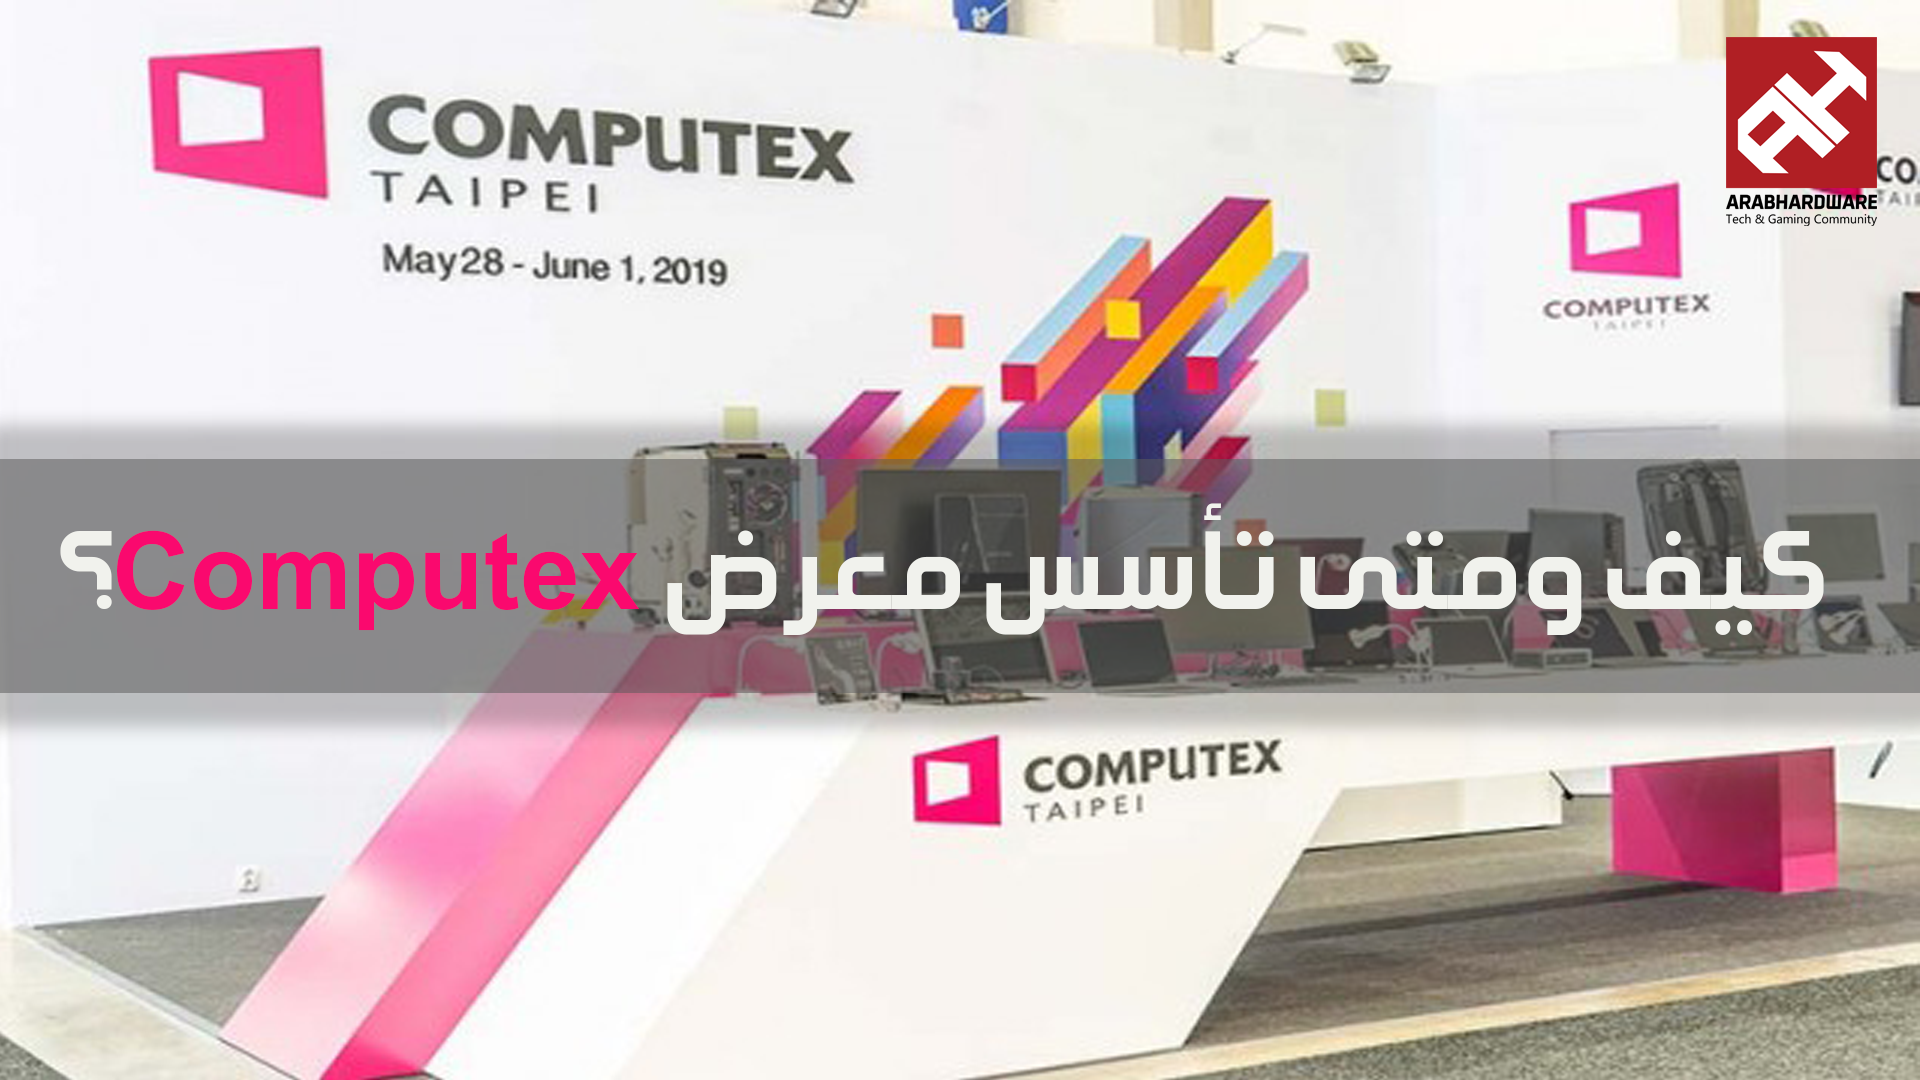 كيف بدأ معرض Computex الأضخم في العالم؟ وكيف تطور؟